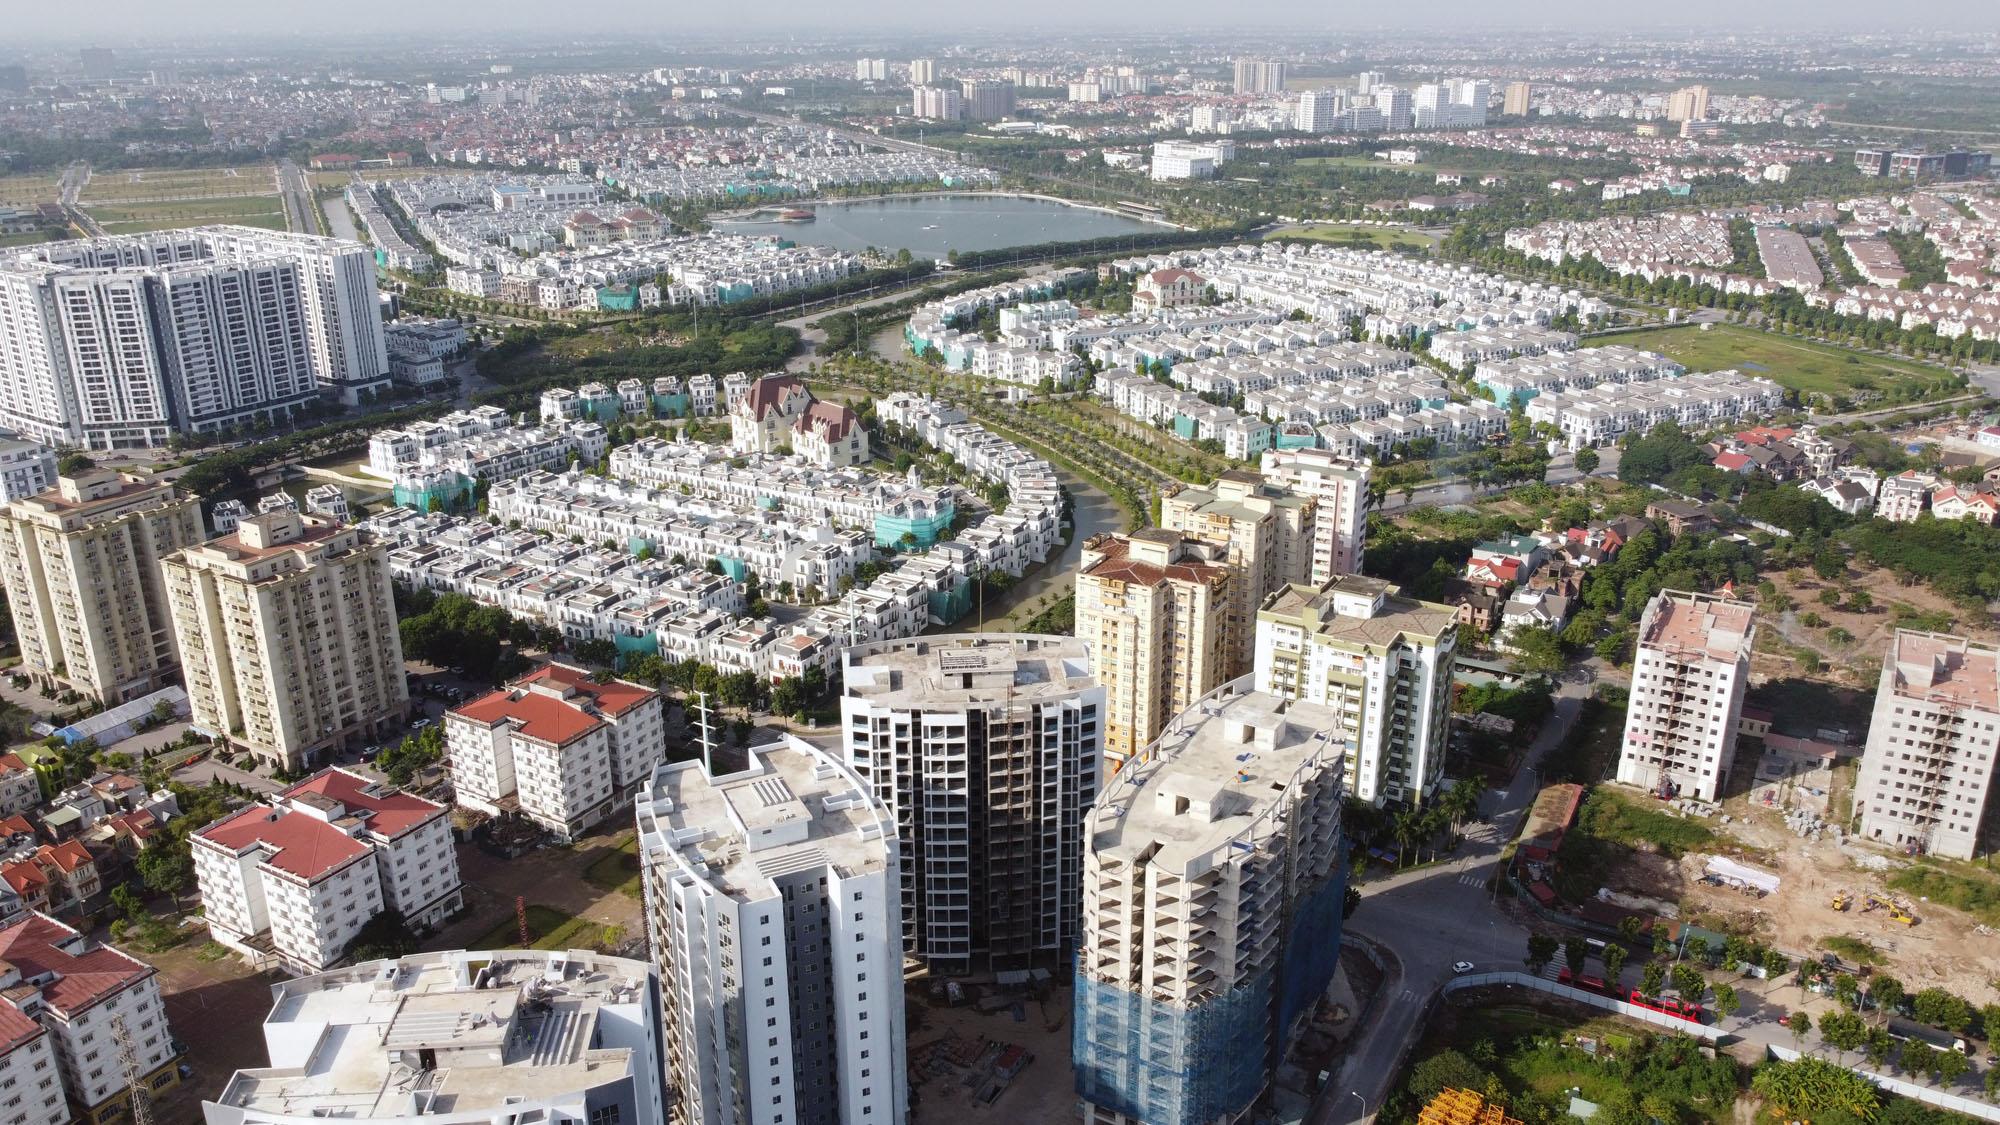 Dự án Le Grand Jardin đang mở bán: Nằm gần hai tuyến metro, giá 26 - 29 triệu đồng/m2 - Ảnh 8.